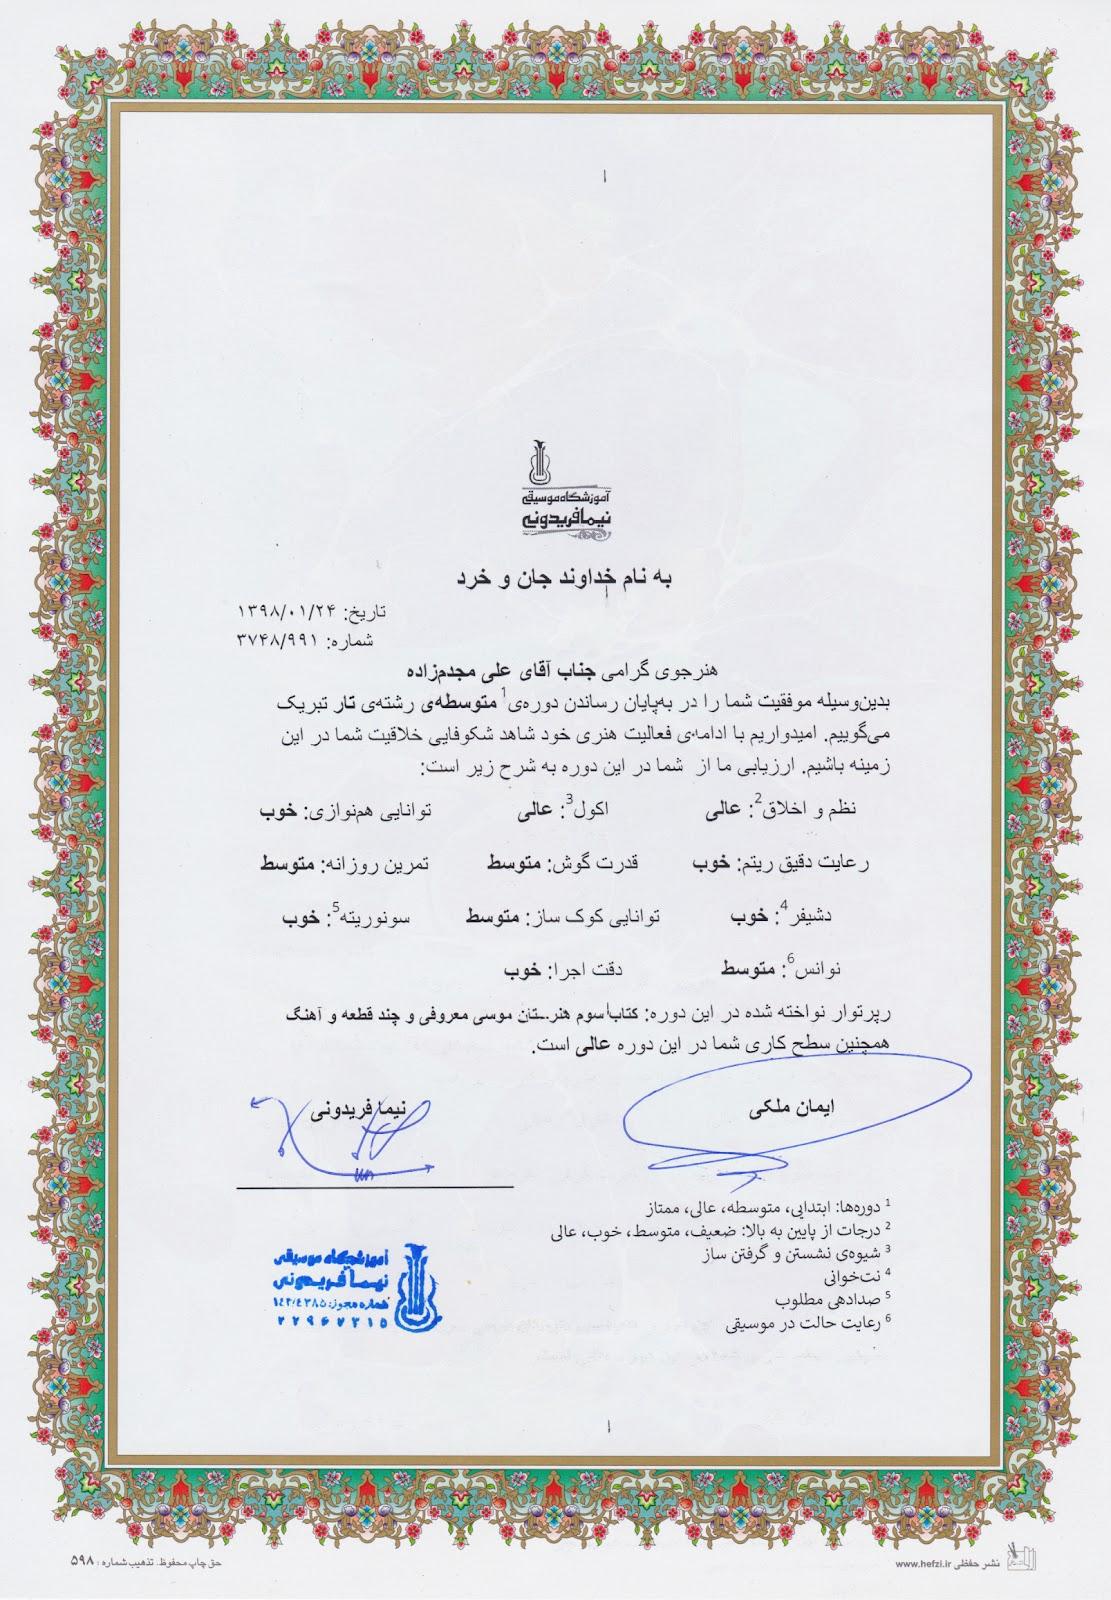 گواهینامهی پایاندورهی متوسطهی علی مجدمزاده هنرجوی تار نیما فریدونی